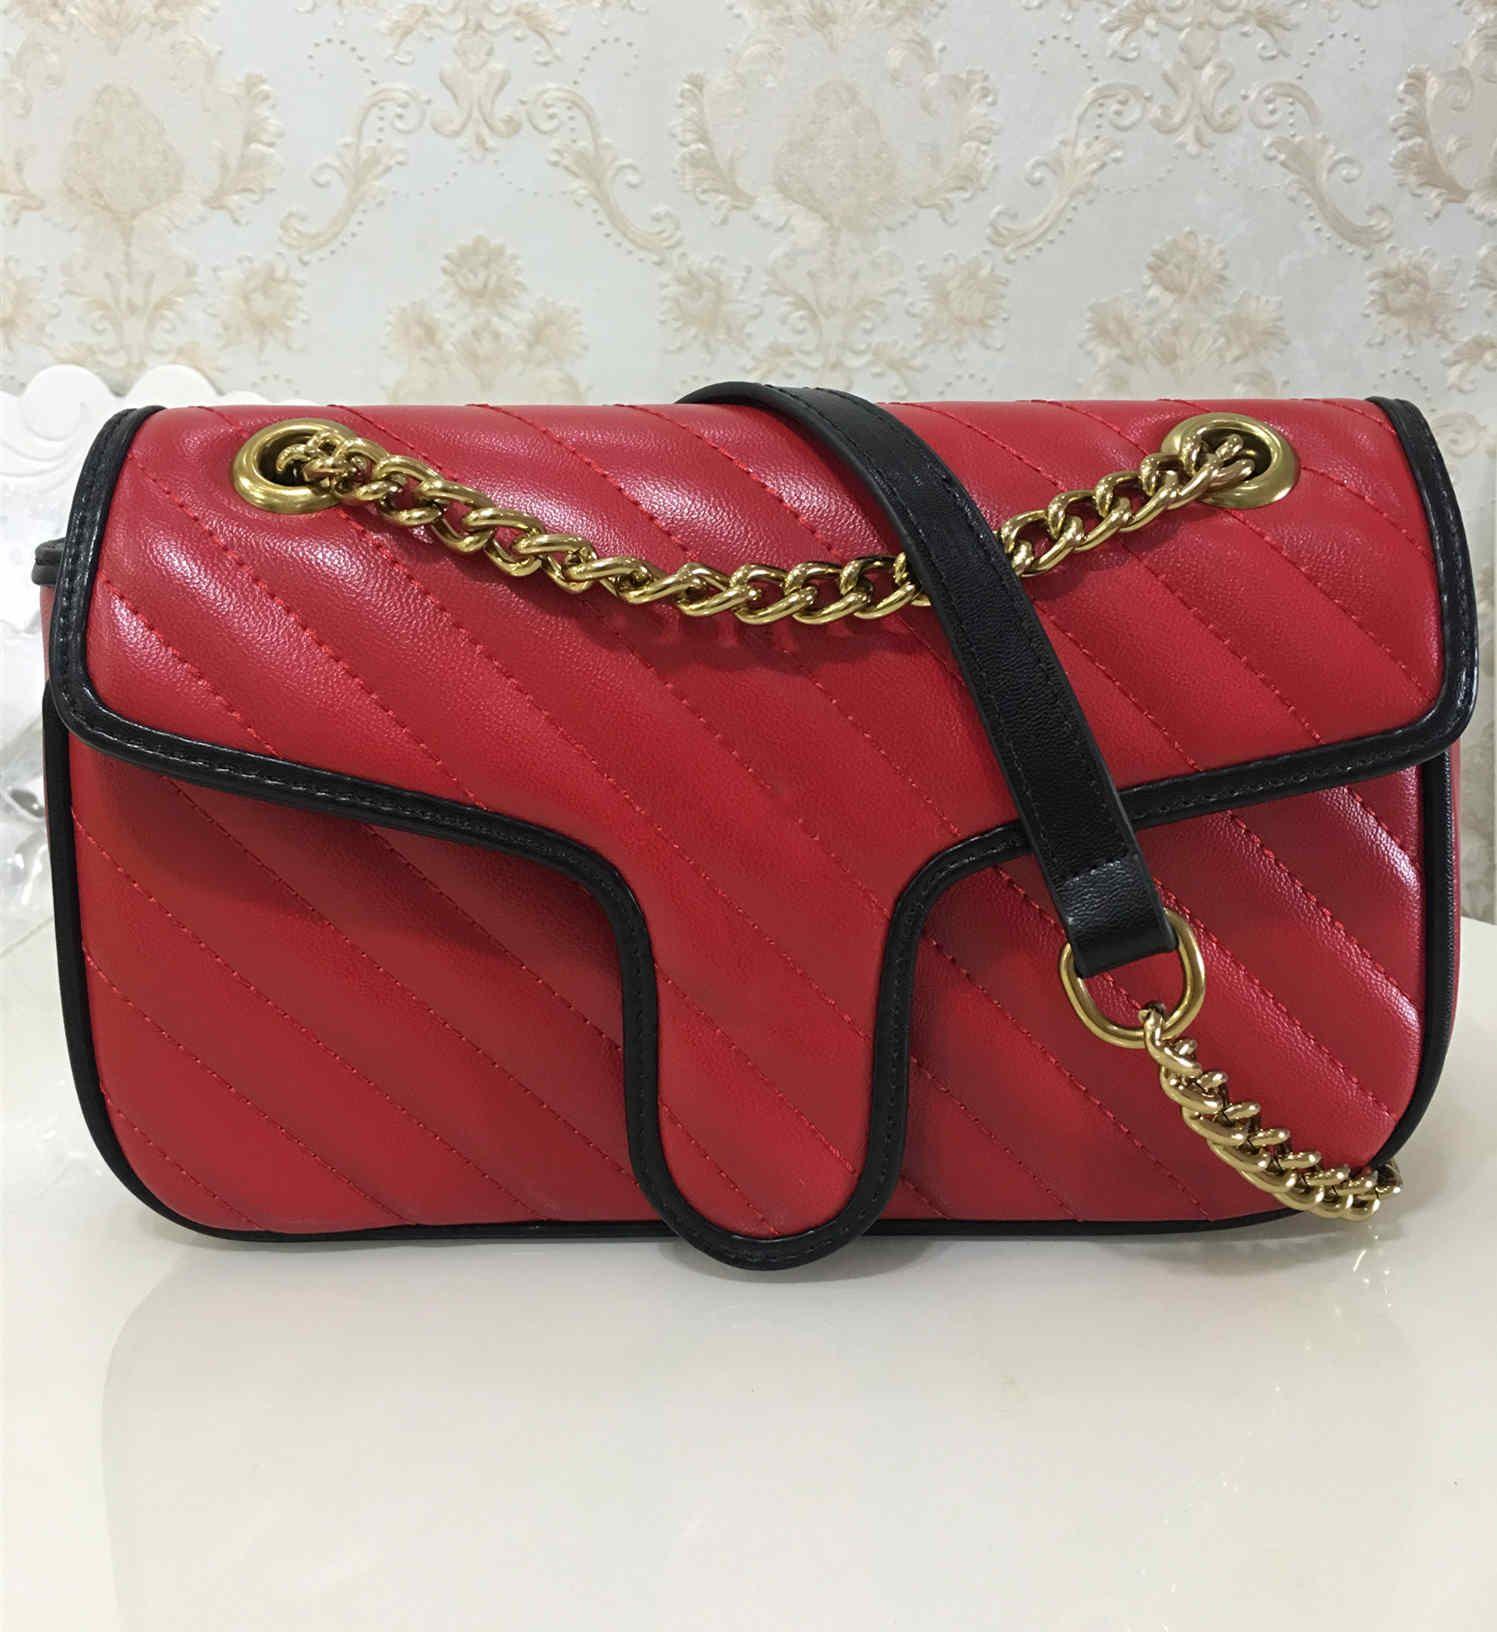 Neue Art-Frauen-Schulter-Beutel Goldkette Umhängetasche PU-Leder-Handtaschen-Geldbeutel weiblichen Messenger-Taschen-Tasche Wallet 443497